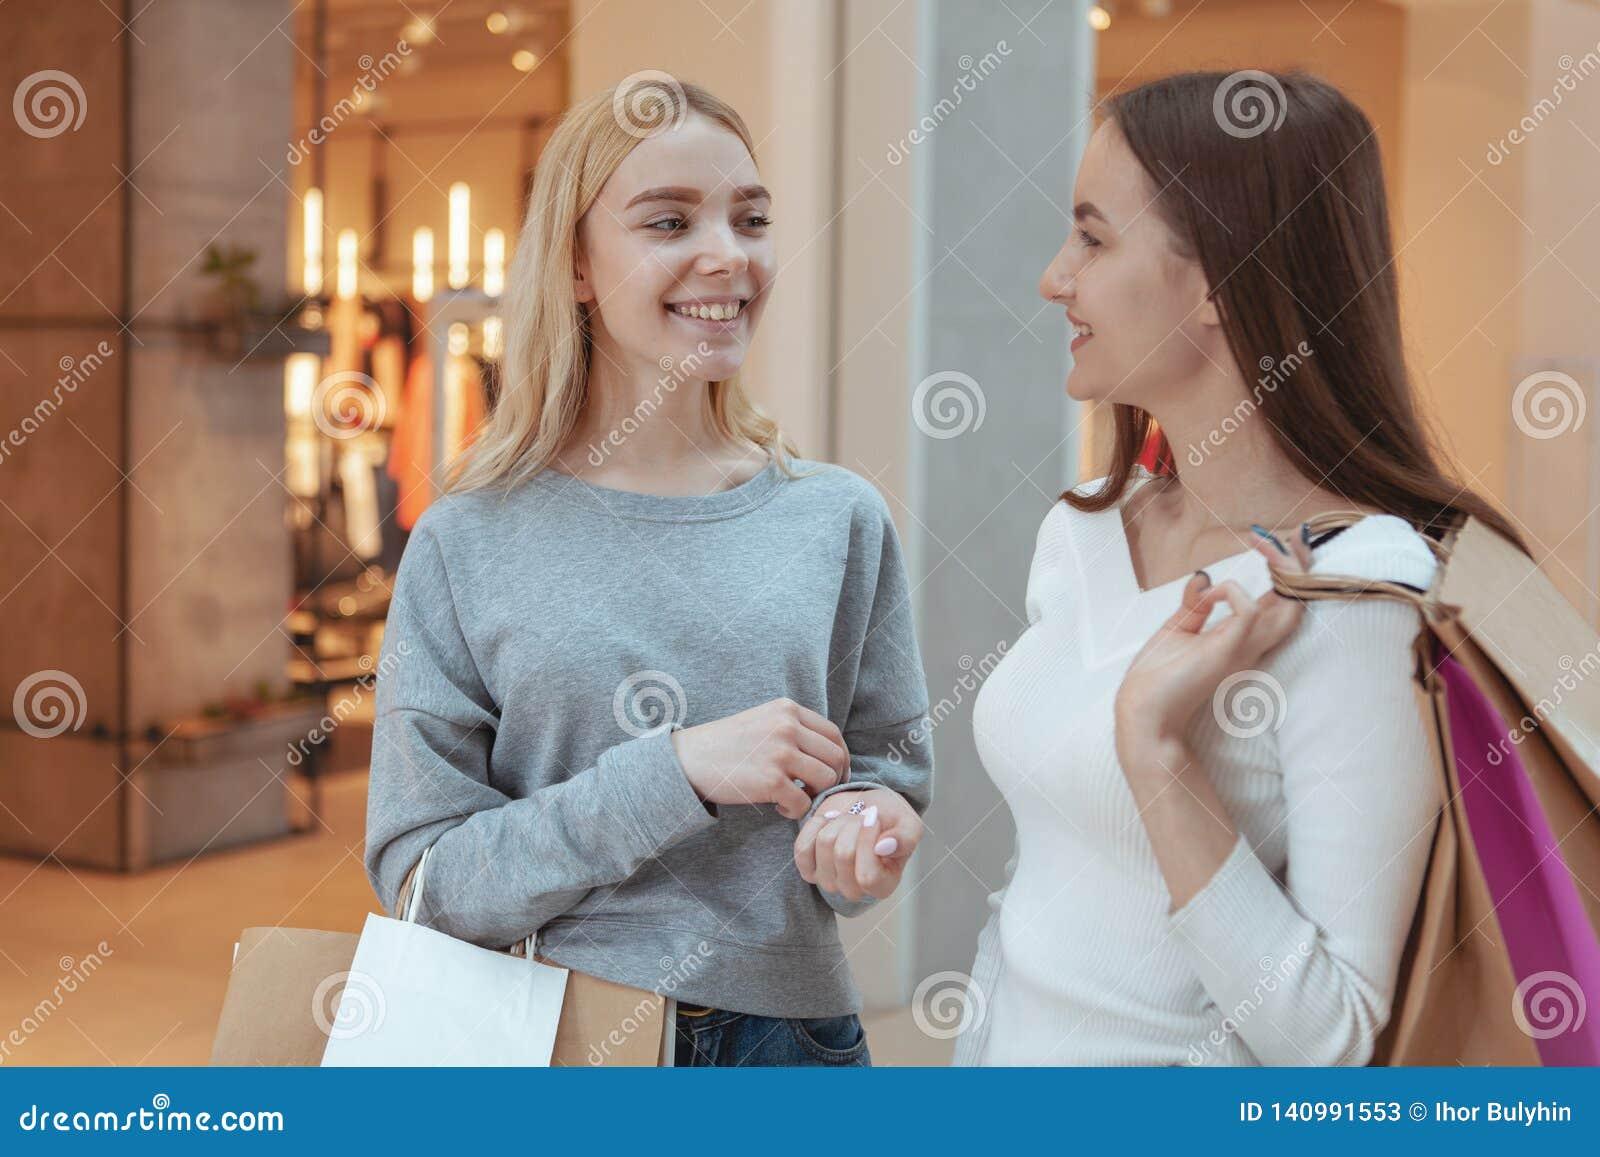 Unga kvinnor som tycker om att shoppa tillsammans på gallerian